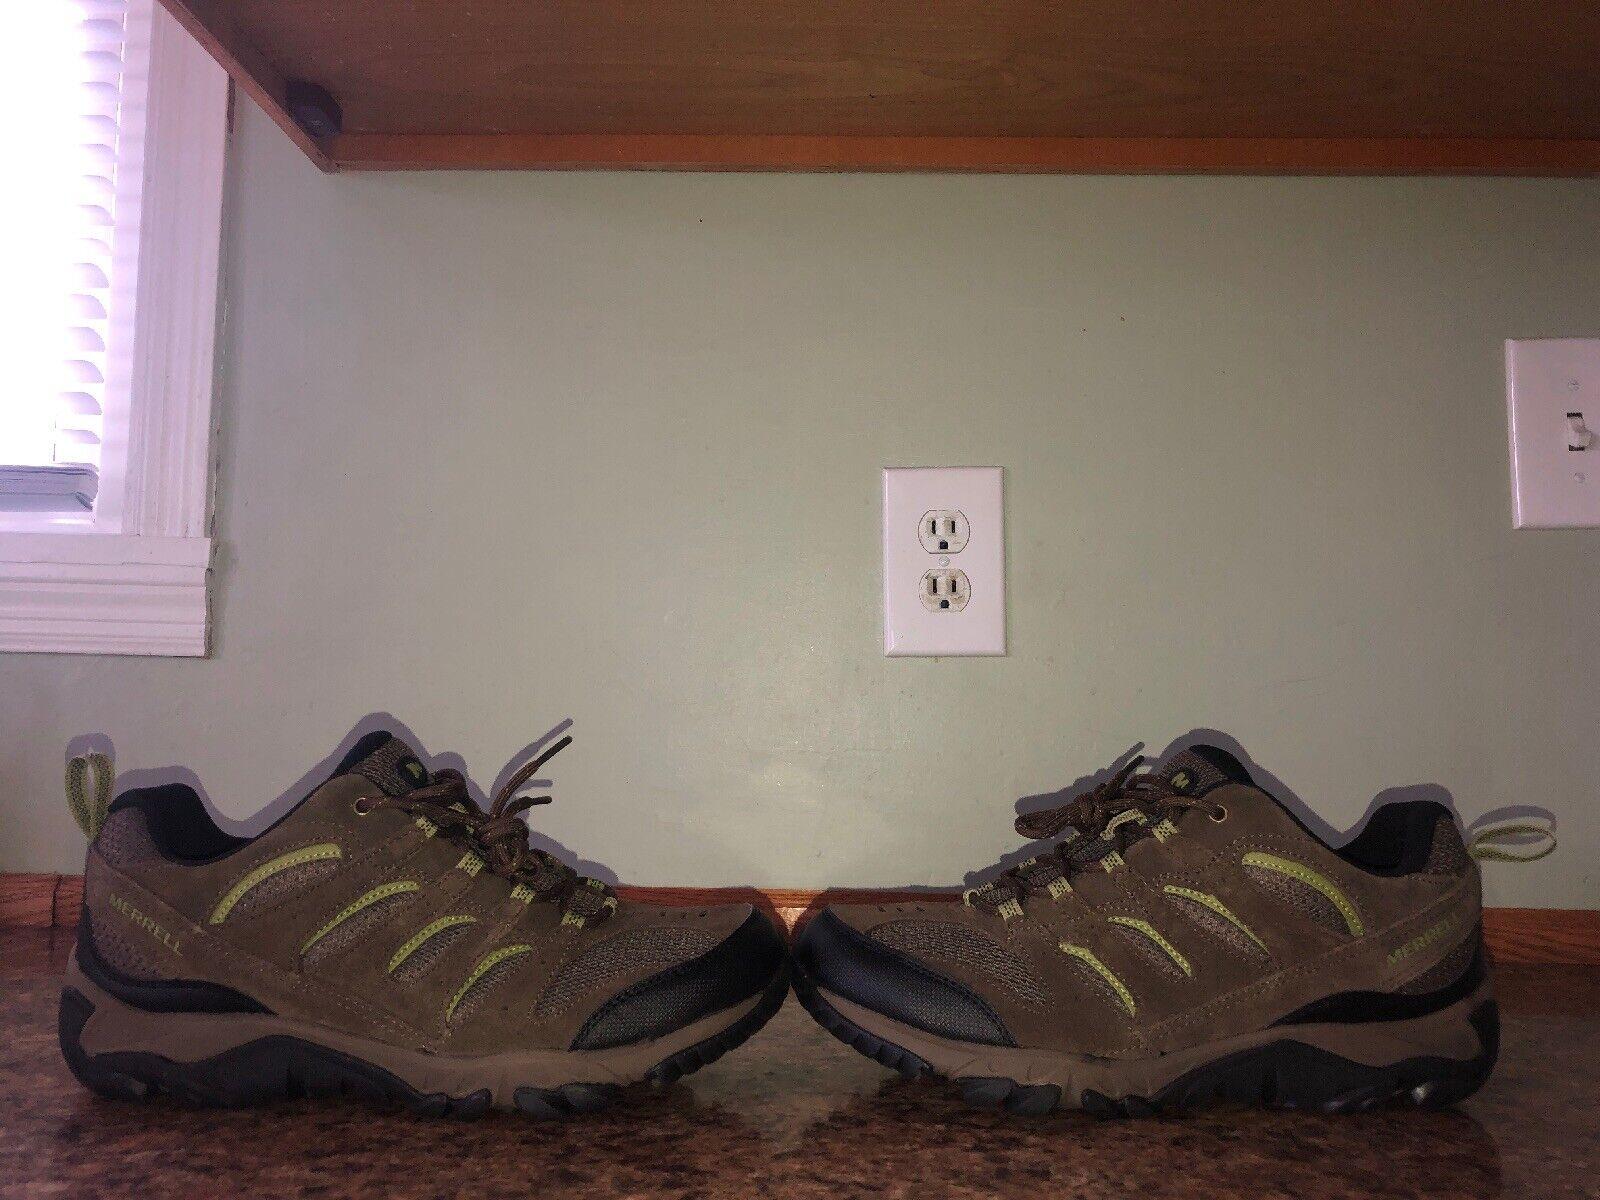 Merrell bianca  Pine Ventilatore Low Mens Water Safety Hiking Trail stivali Dimensione 10  si affrettò a vedere